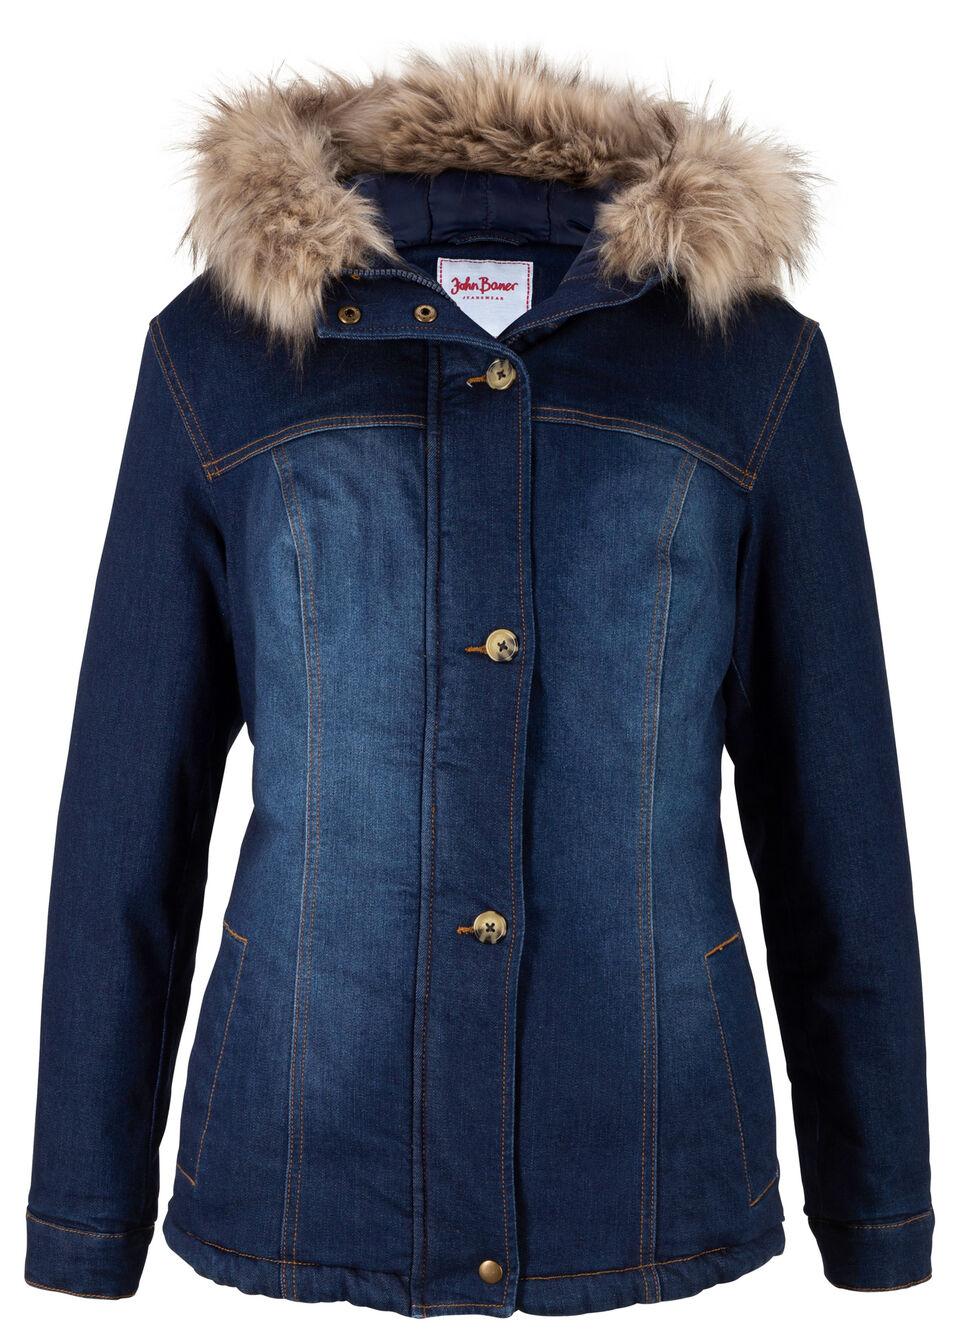 Купить Куртки и плащи, Куртка из переработанного денима, bonprix, темно-синий